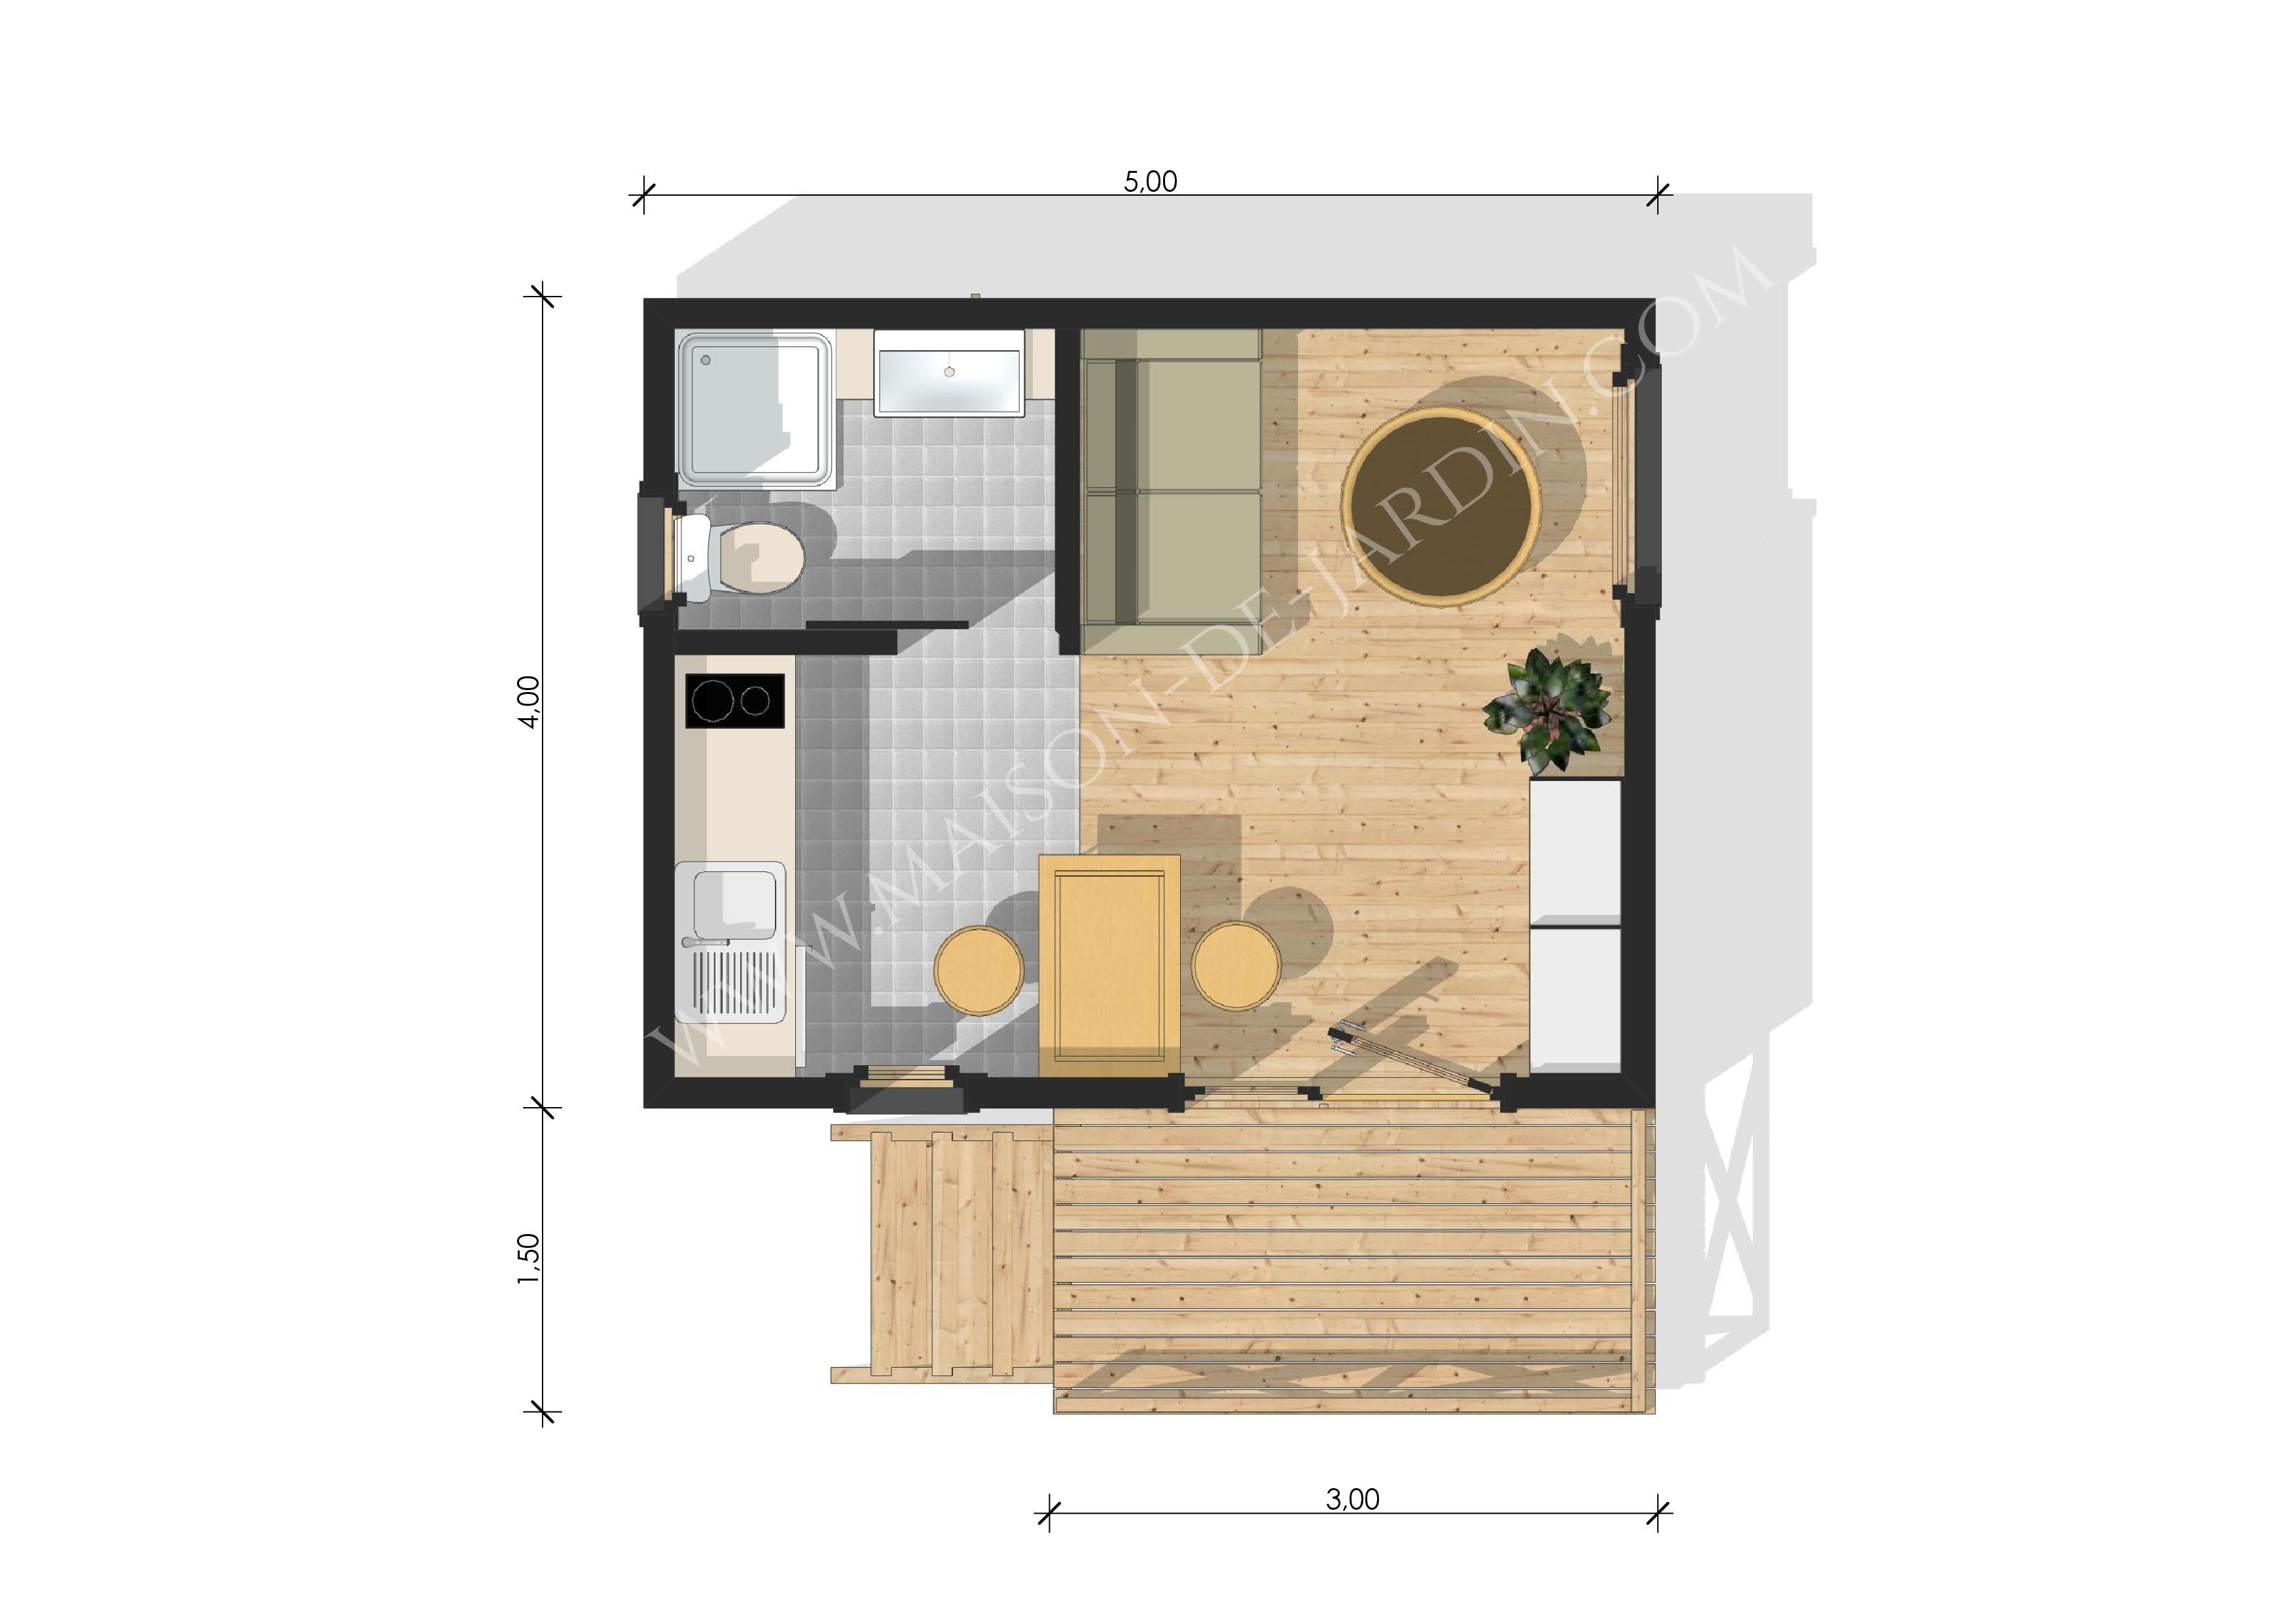 studio de jardin avec ossature bois lyon 20 m 25700 ttc livr mont cl en main. Black Bedroom Furniture Sets. Home Design Ideas